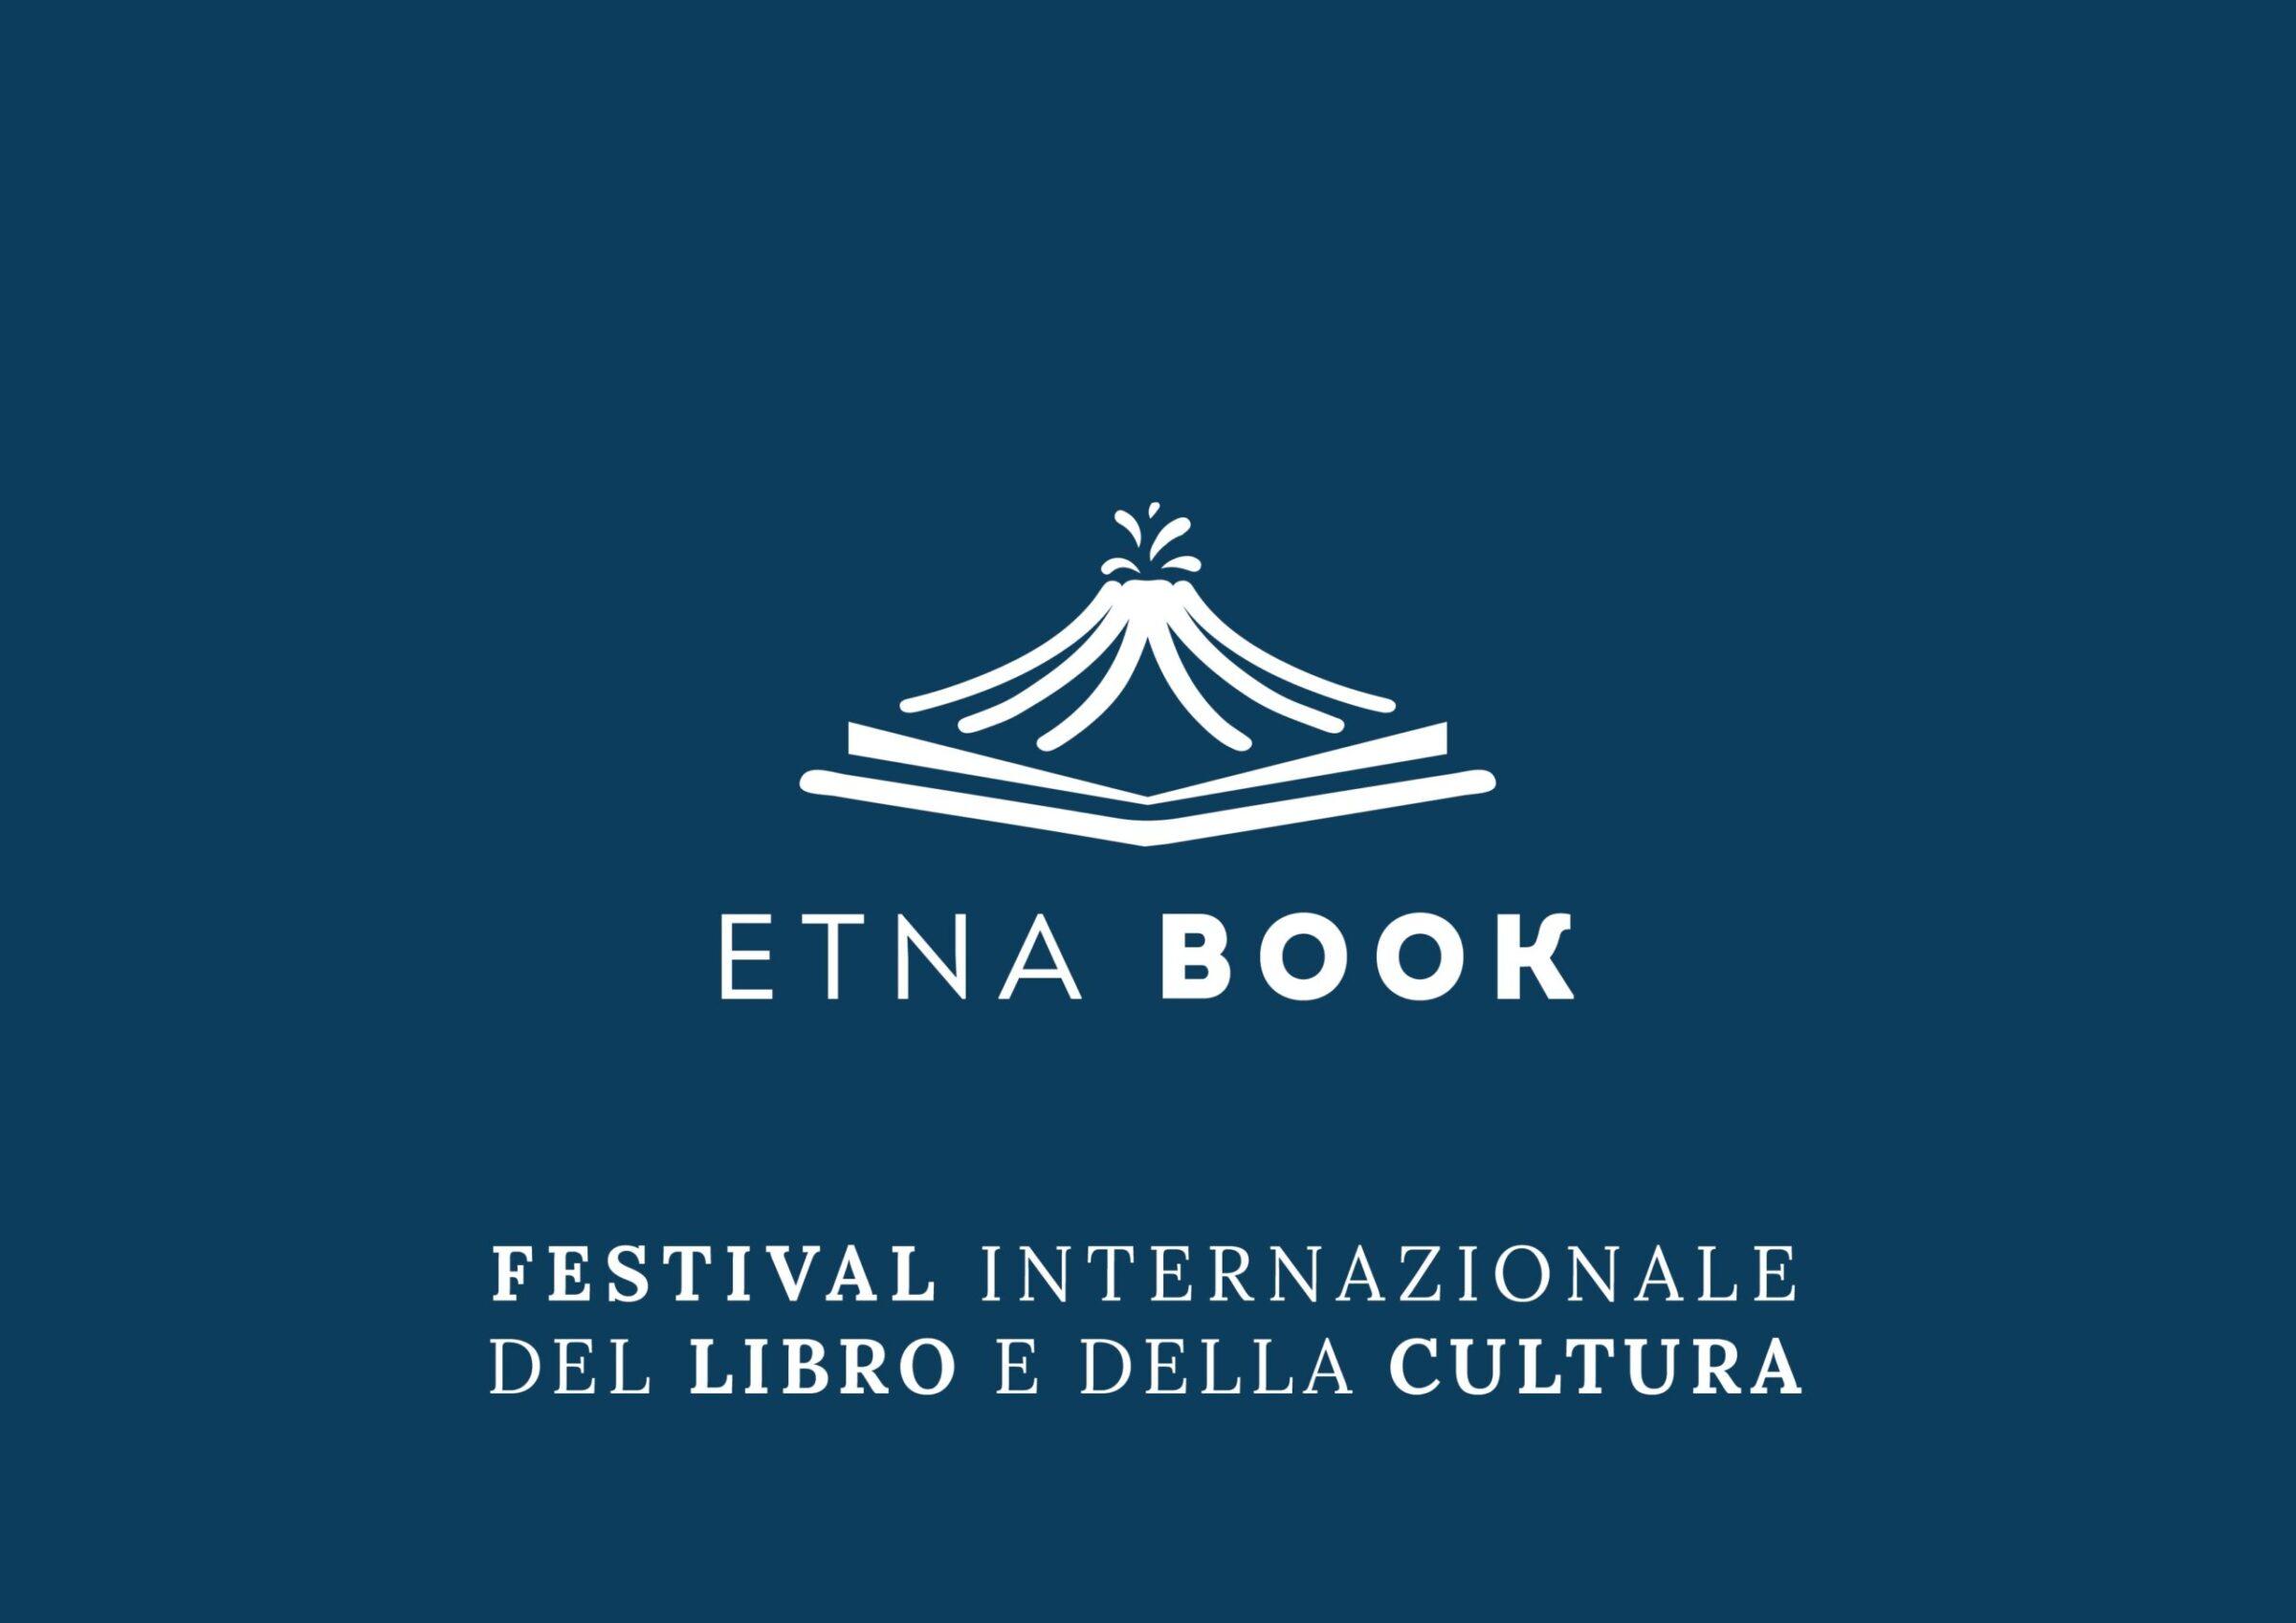 Aspettando Etnabook 2021: incontri, rubriche e la nascita della raccolta antologica del Festival